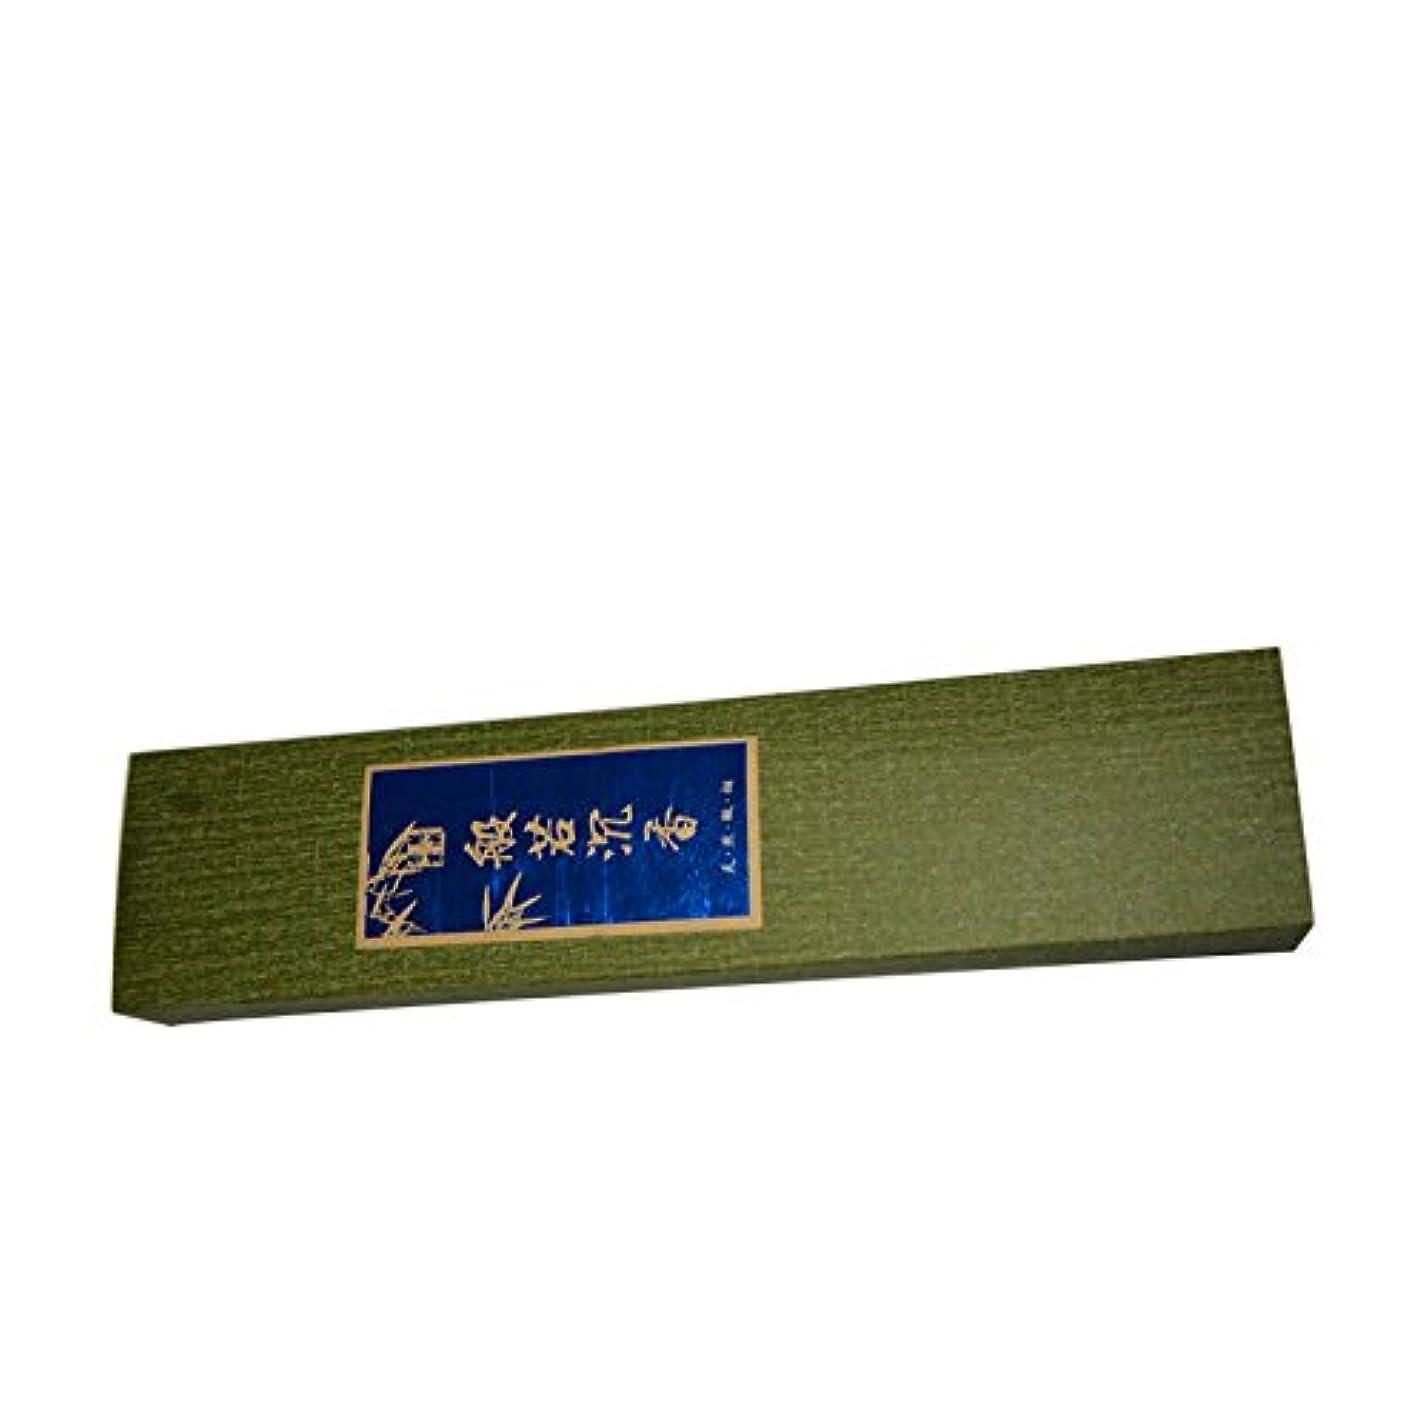 舗装カードみ天然仏香; ビャクダン; きゃら;じんこう;線香;神具; 仏具; 一护の健康; マッサージを缓める; あん摩する